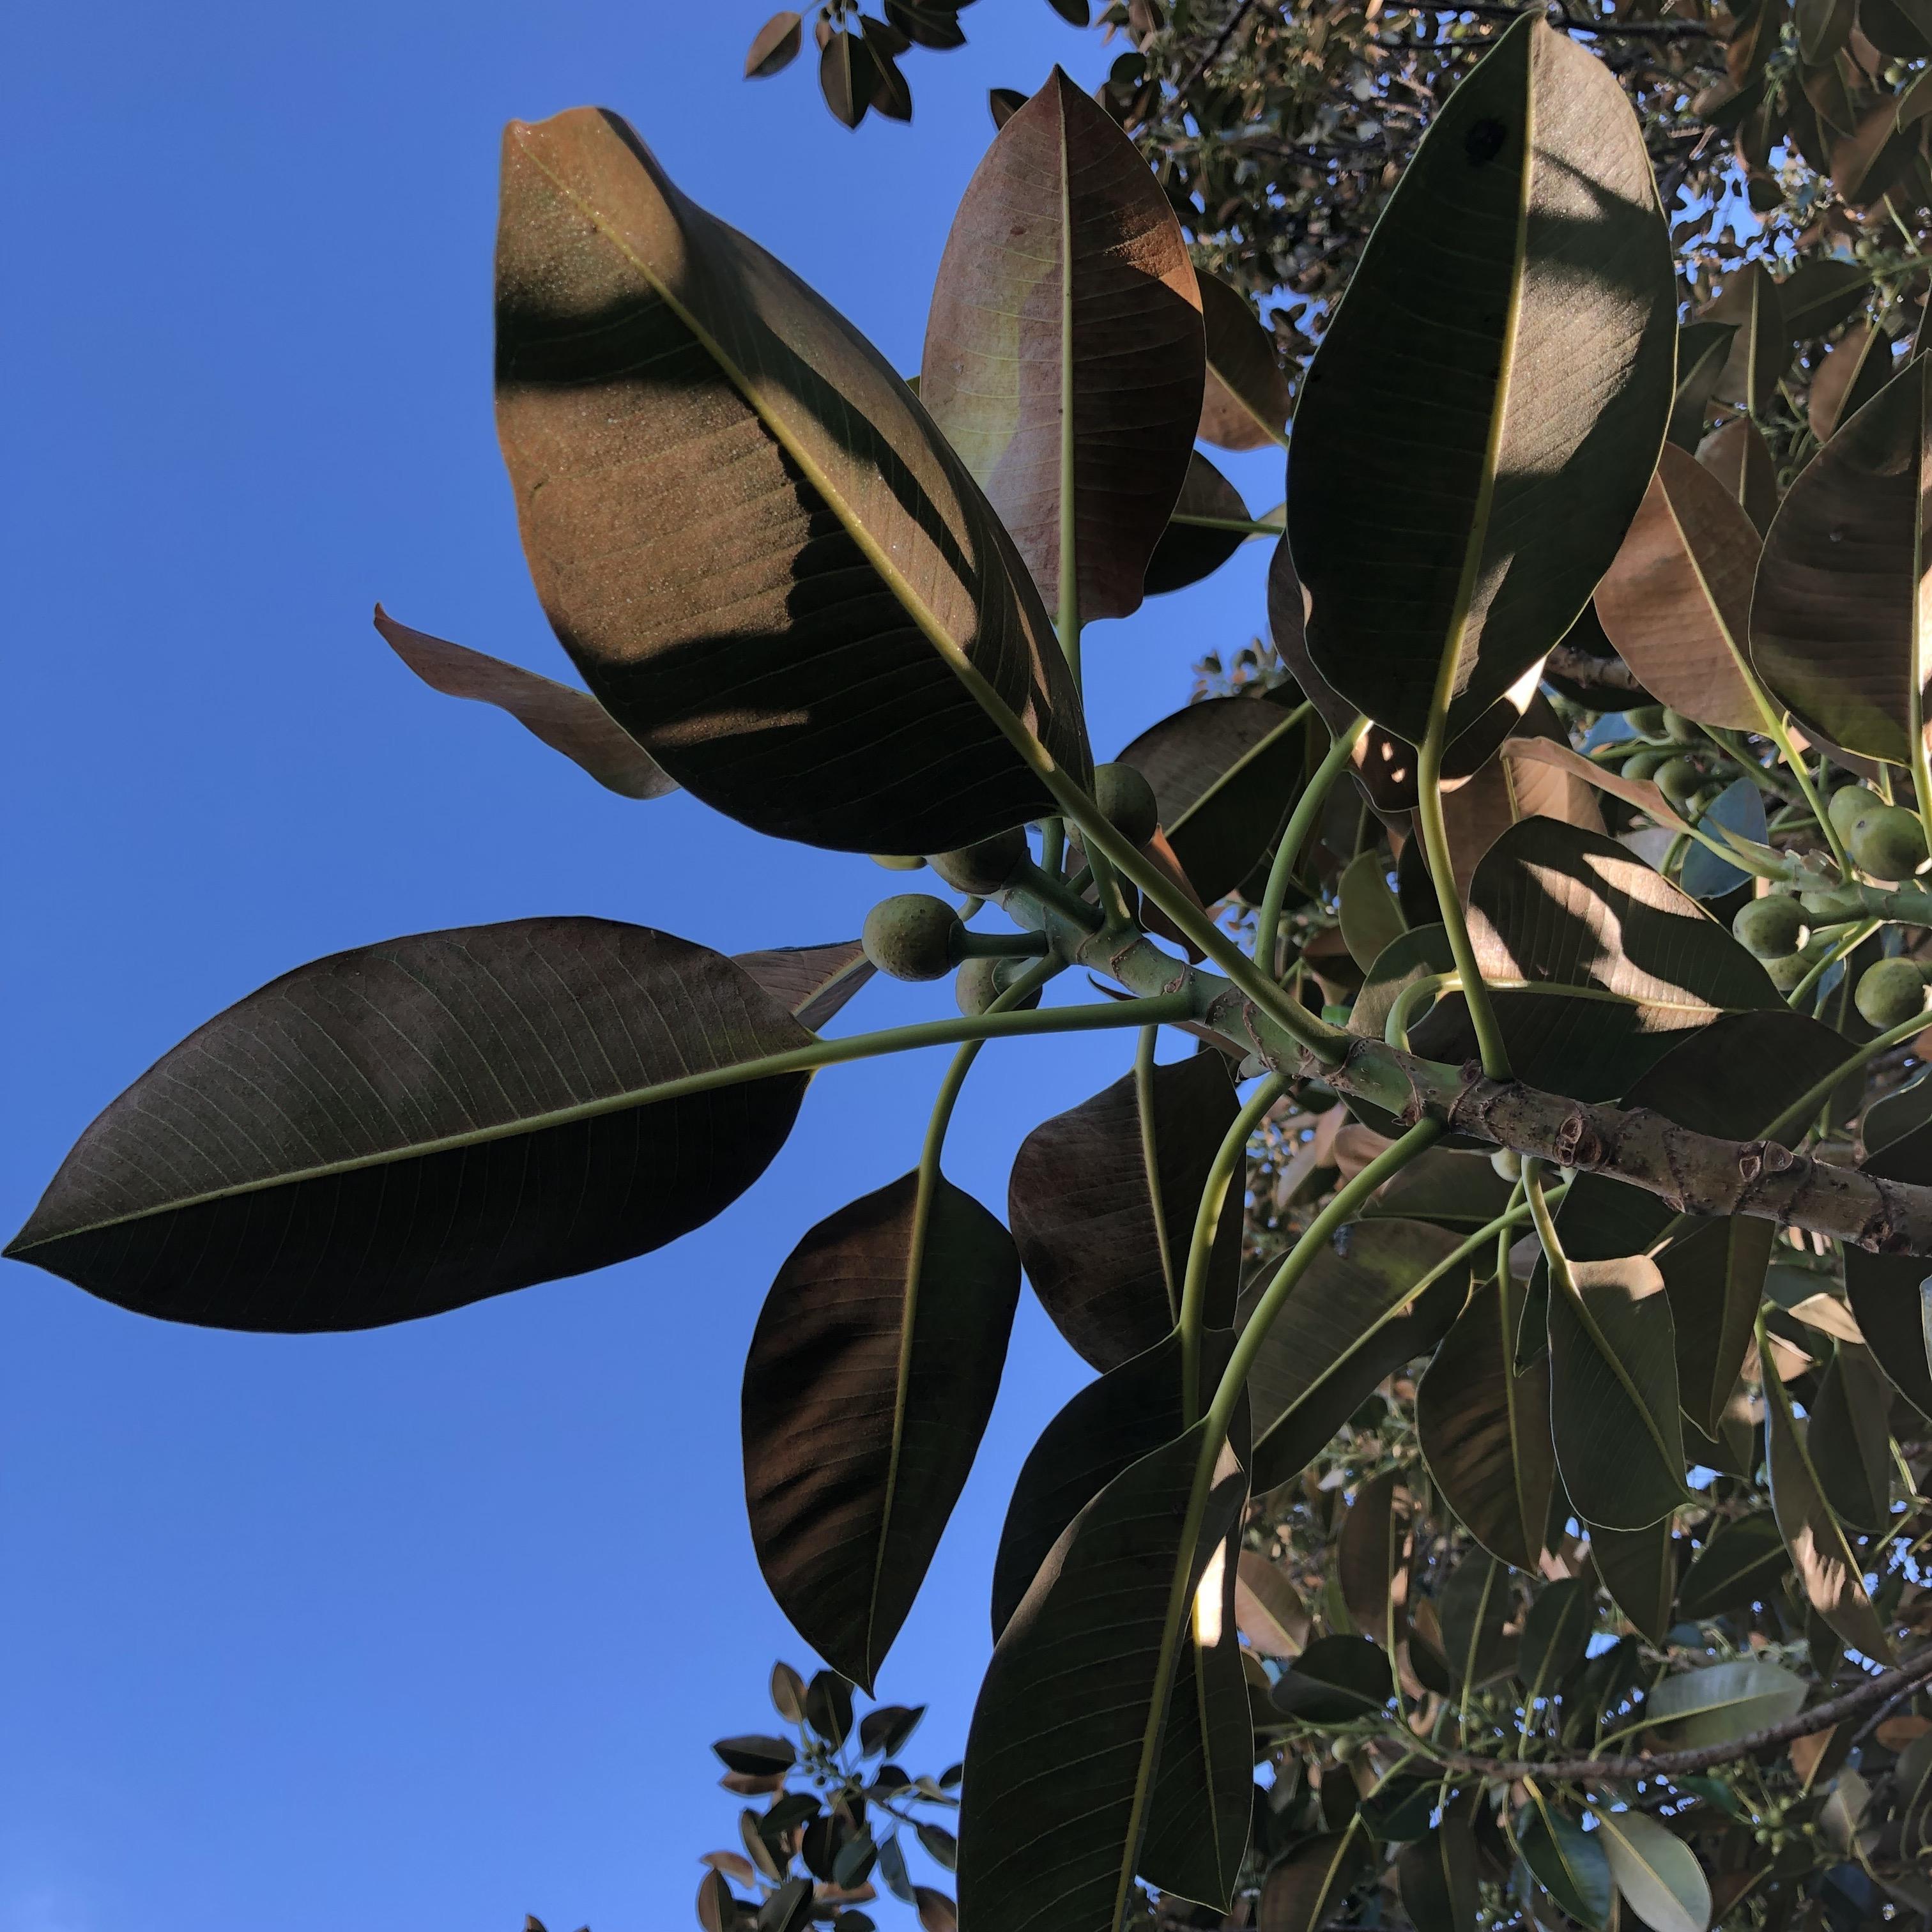 Moreton Bay fig details